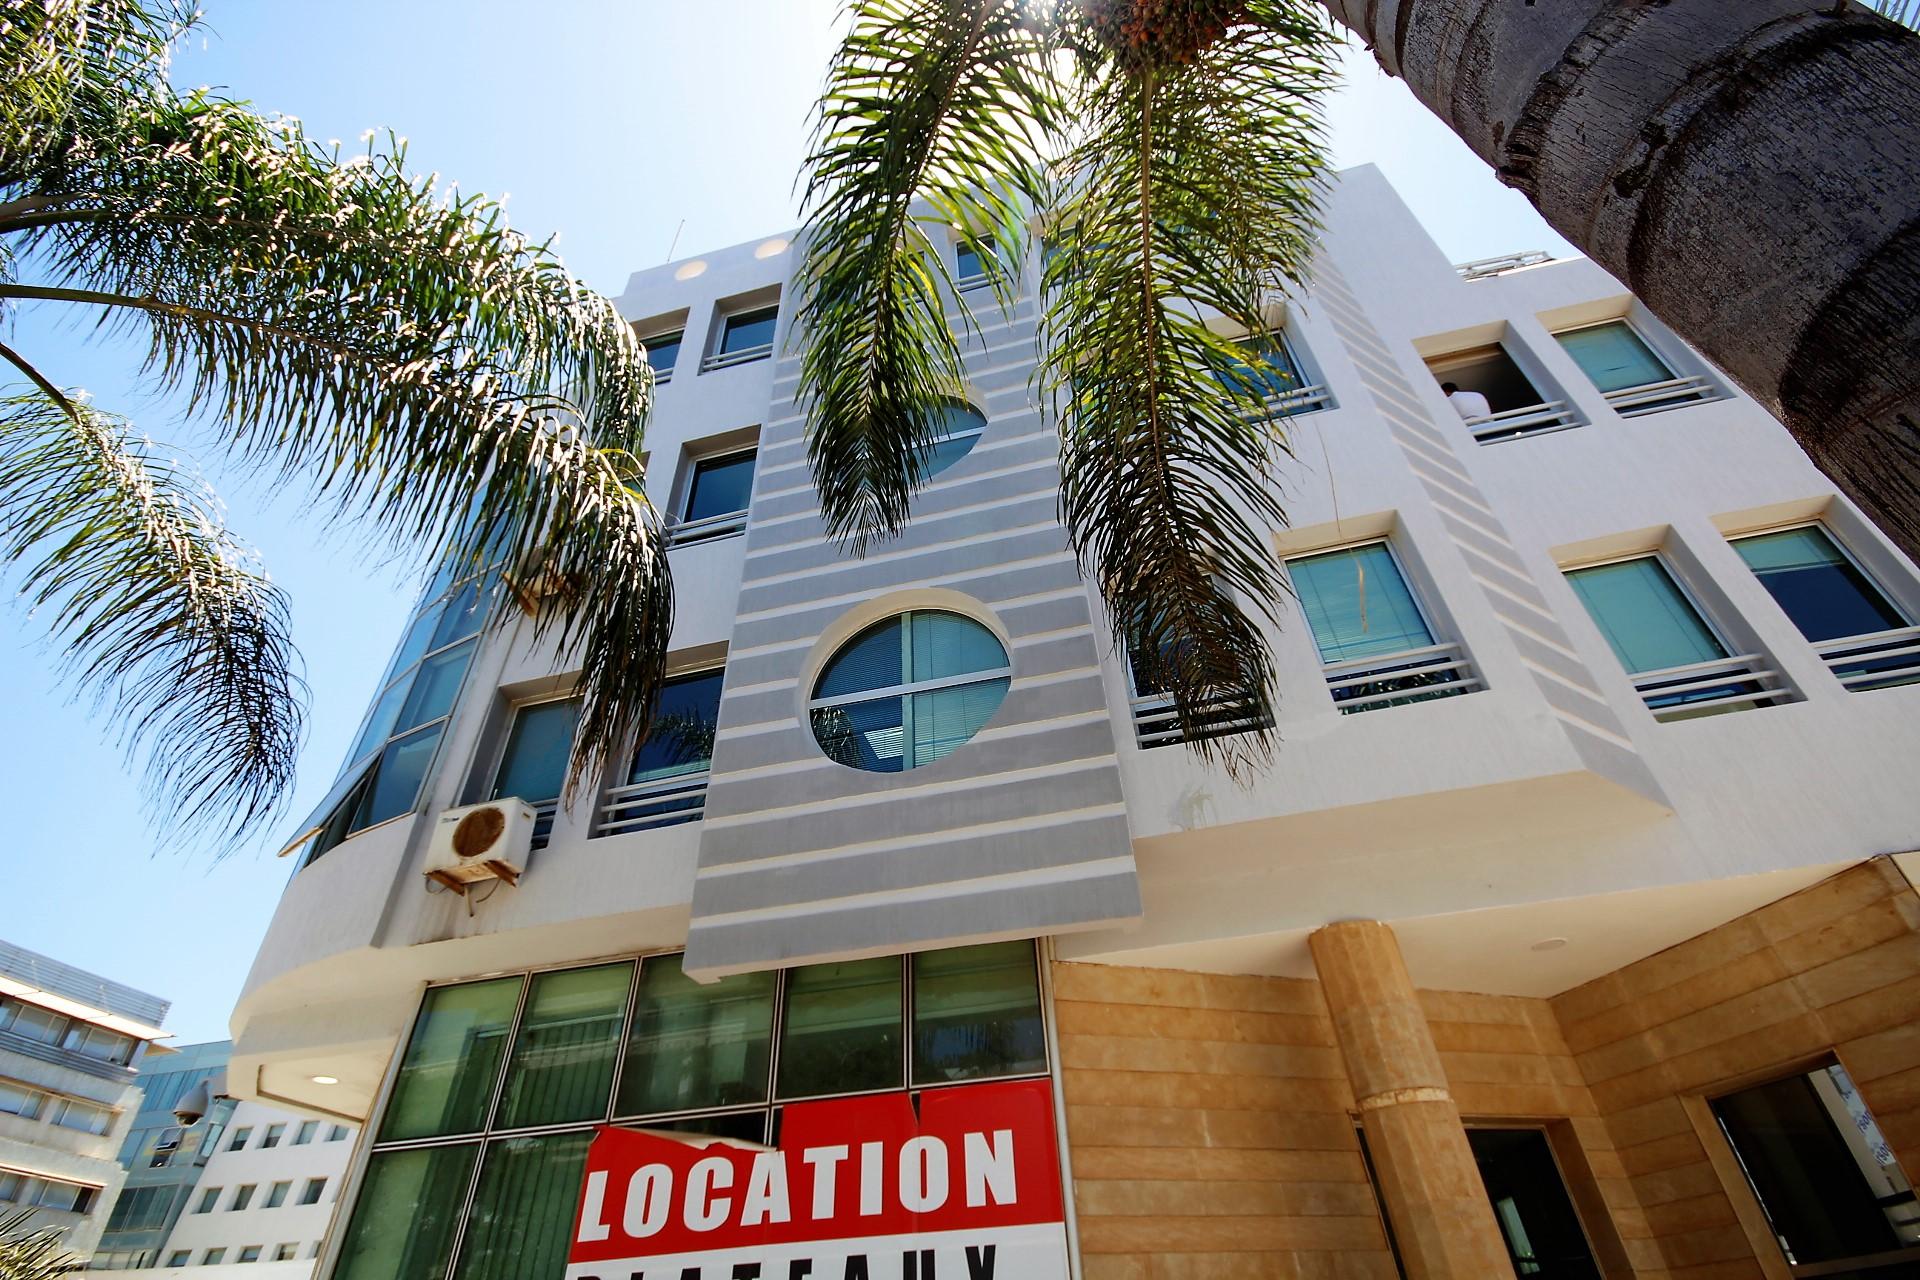 Maroc, Casablanca, Sidi Maarouf au cœur de la colline, à louer petit immeuble de bureau